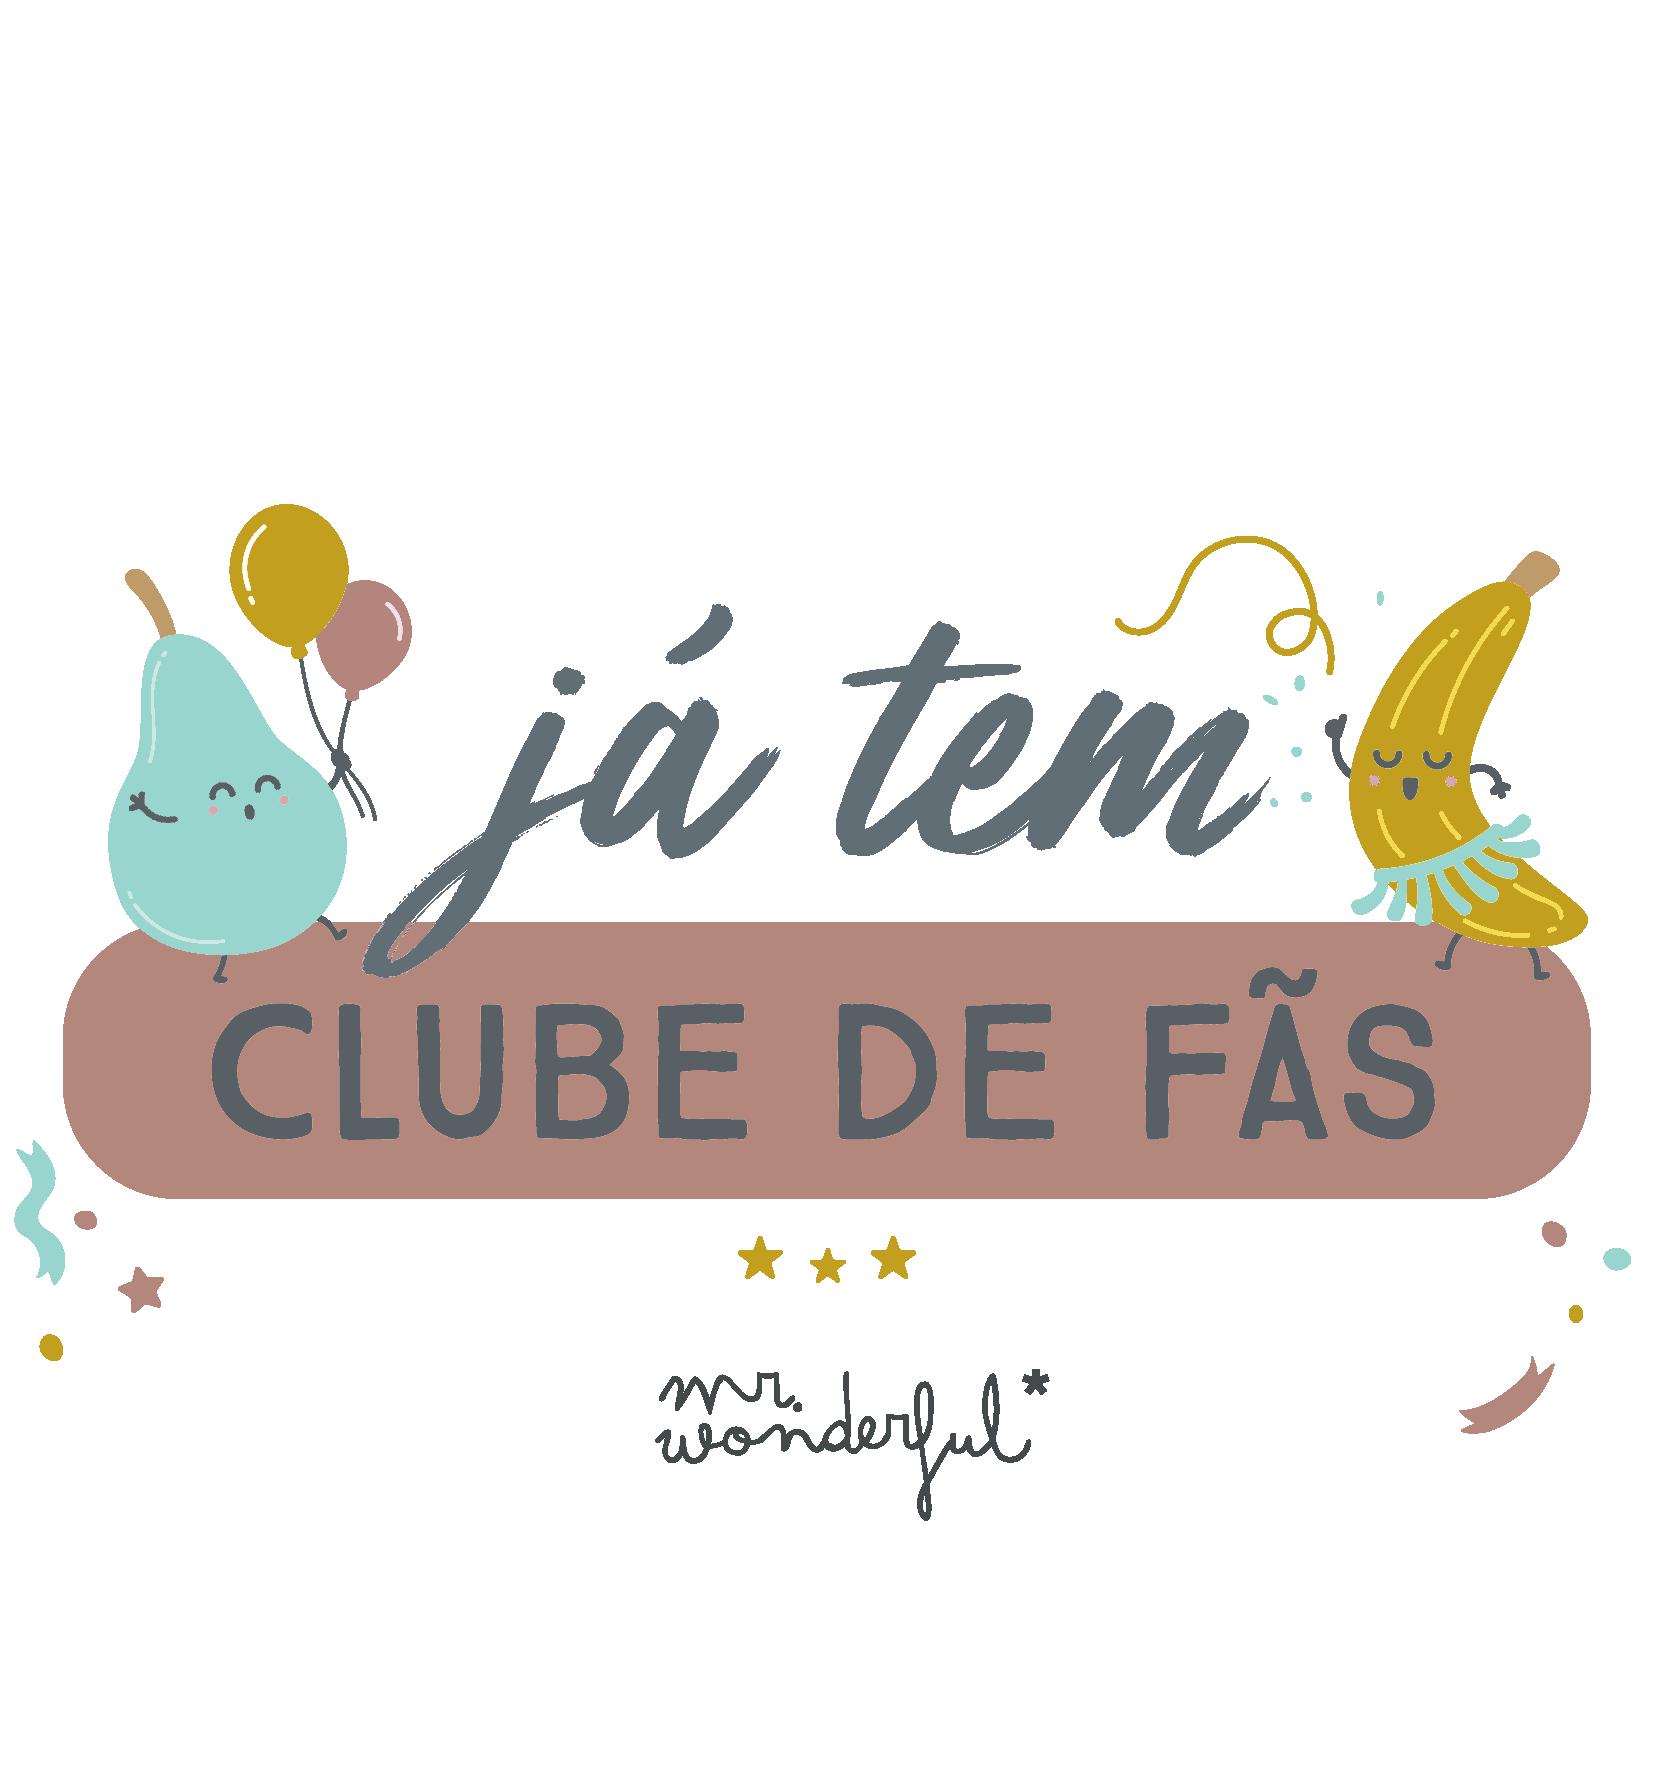 club de fan